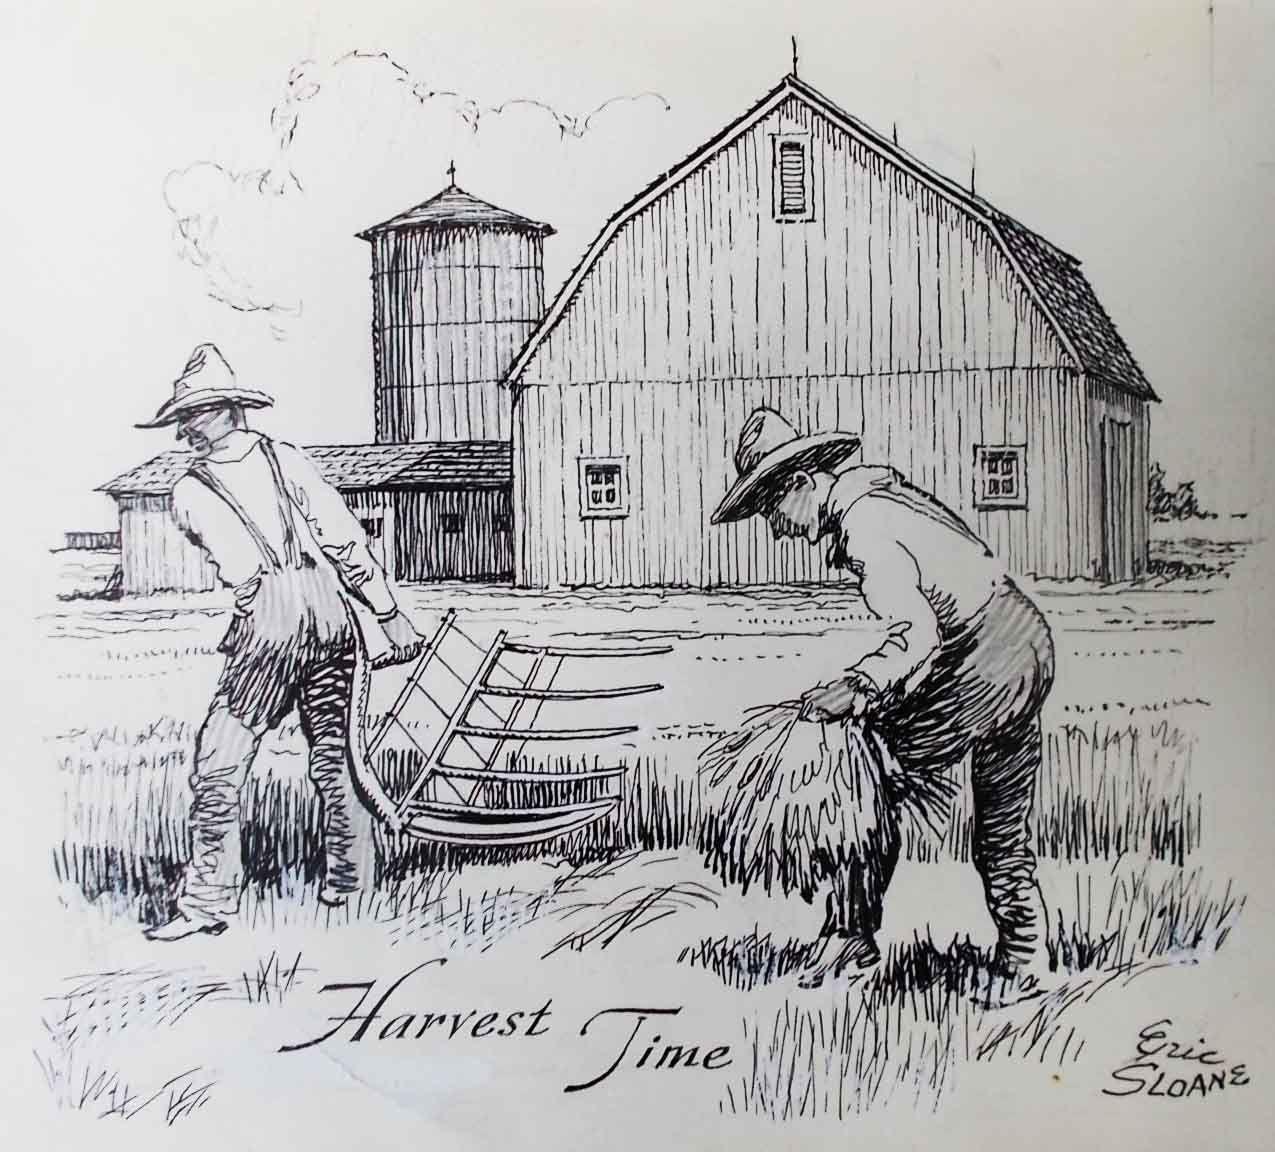 Harvest-time1.jpg 1,275×1,152 Pixels